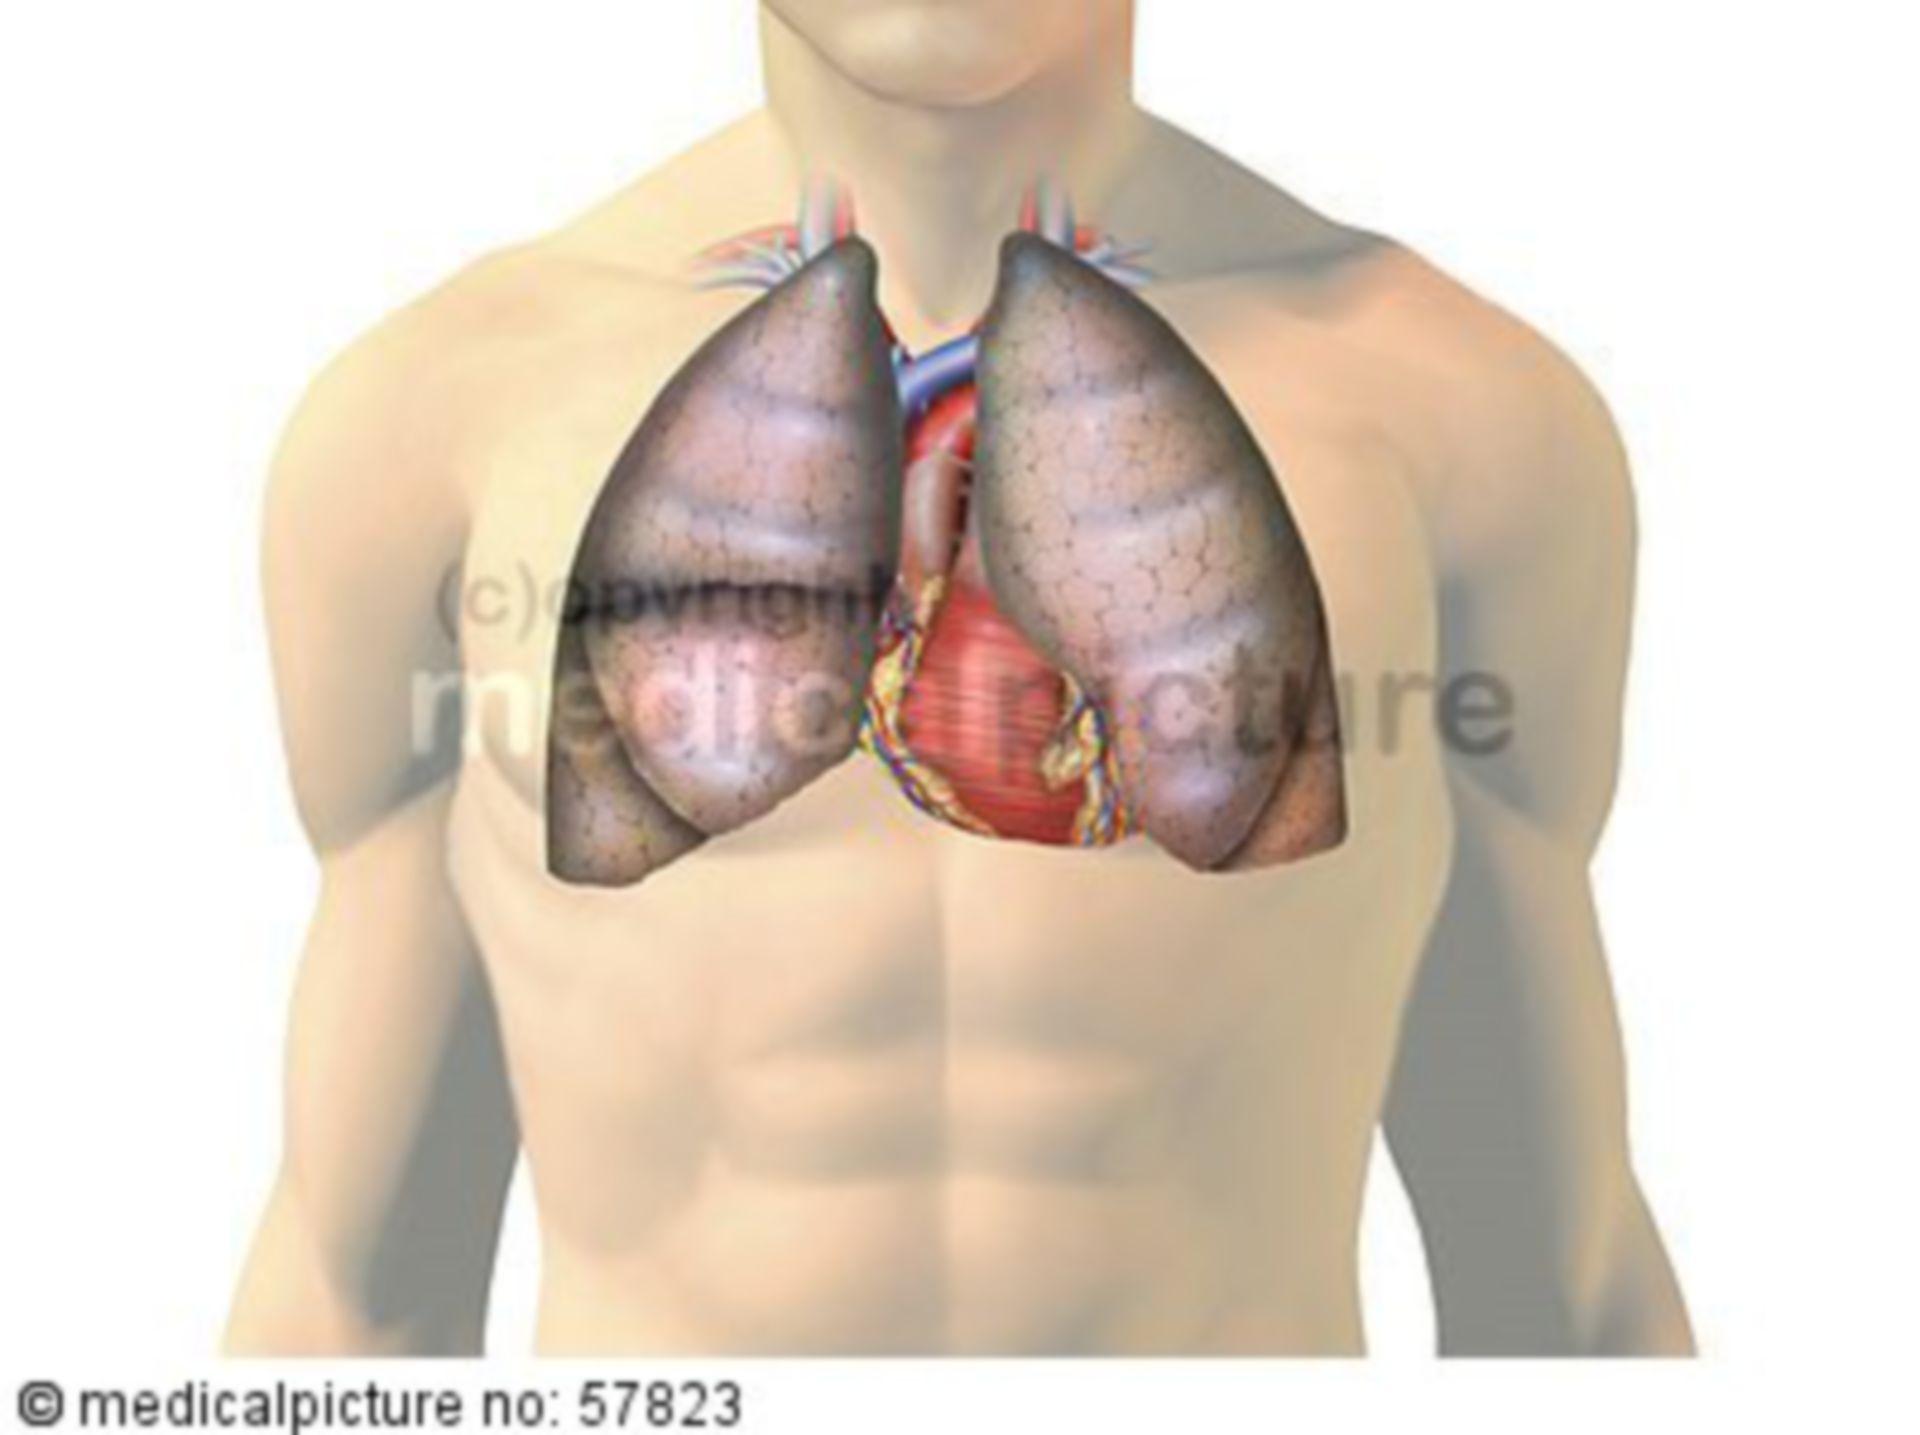 Anatomische Illustrationen - Lunge und Herz mit Gefäßen